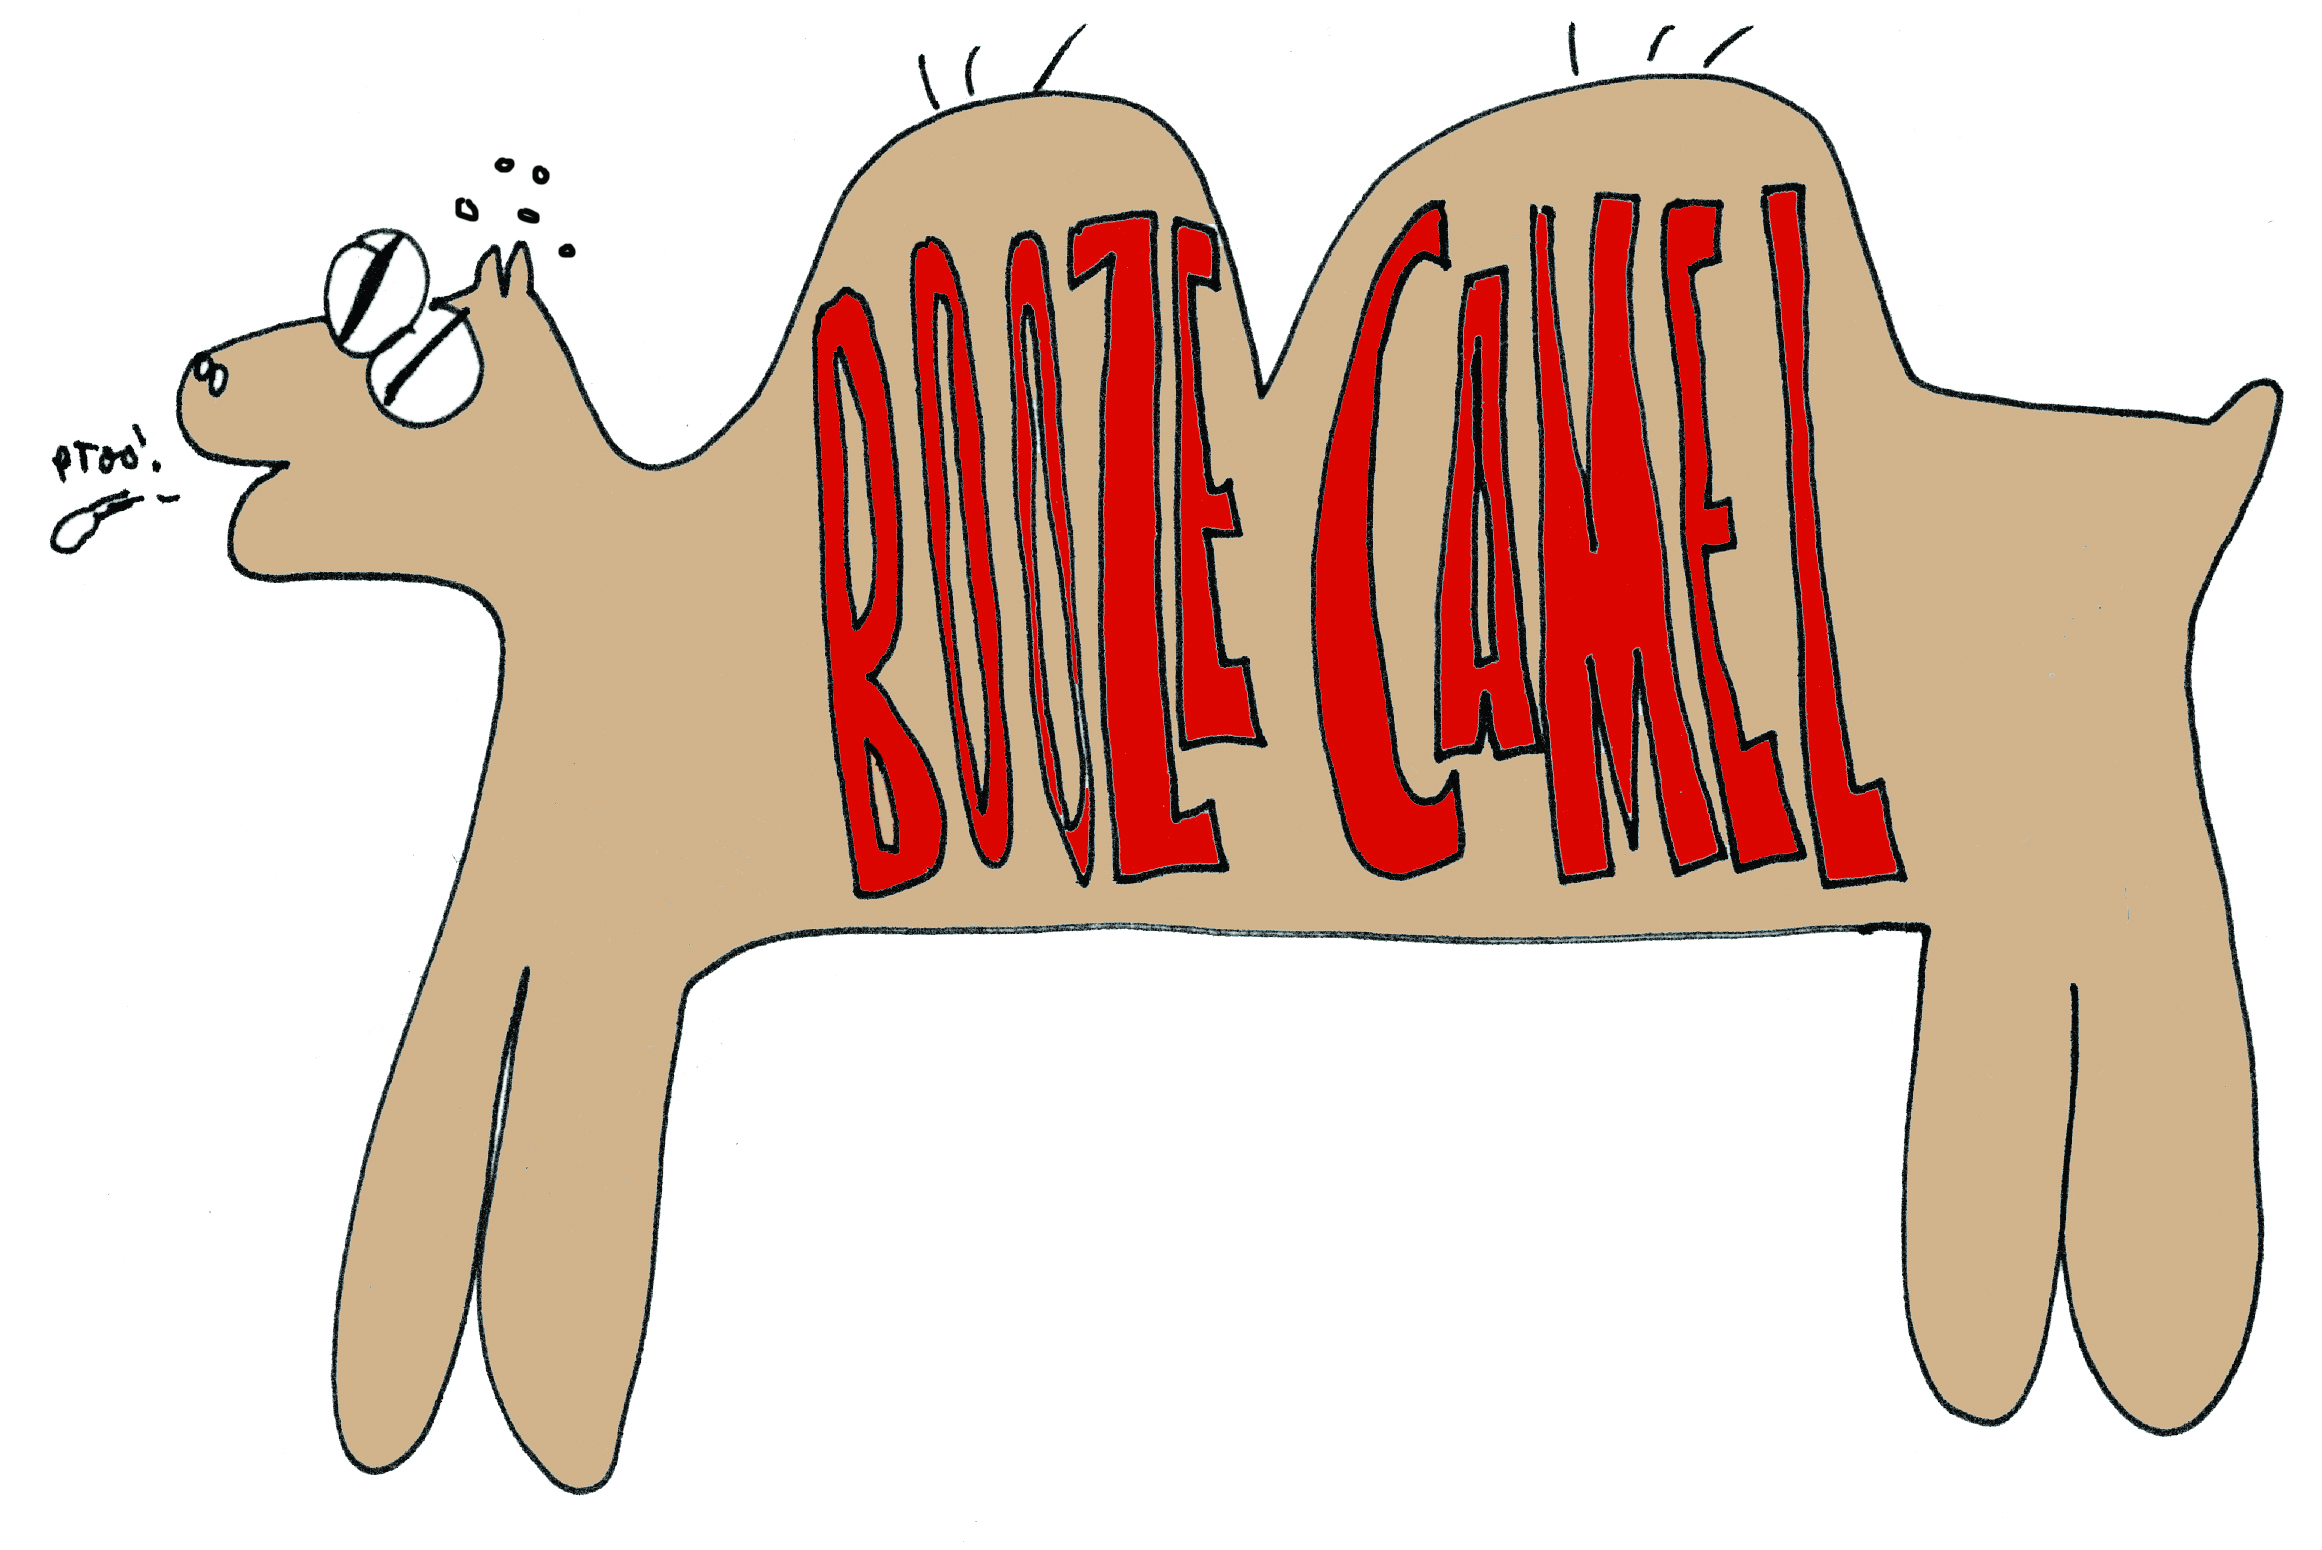 Booze Camel